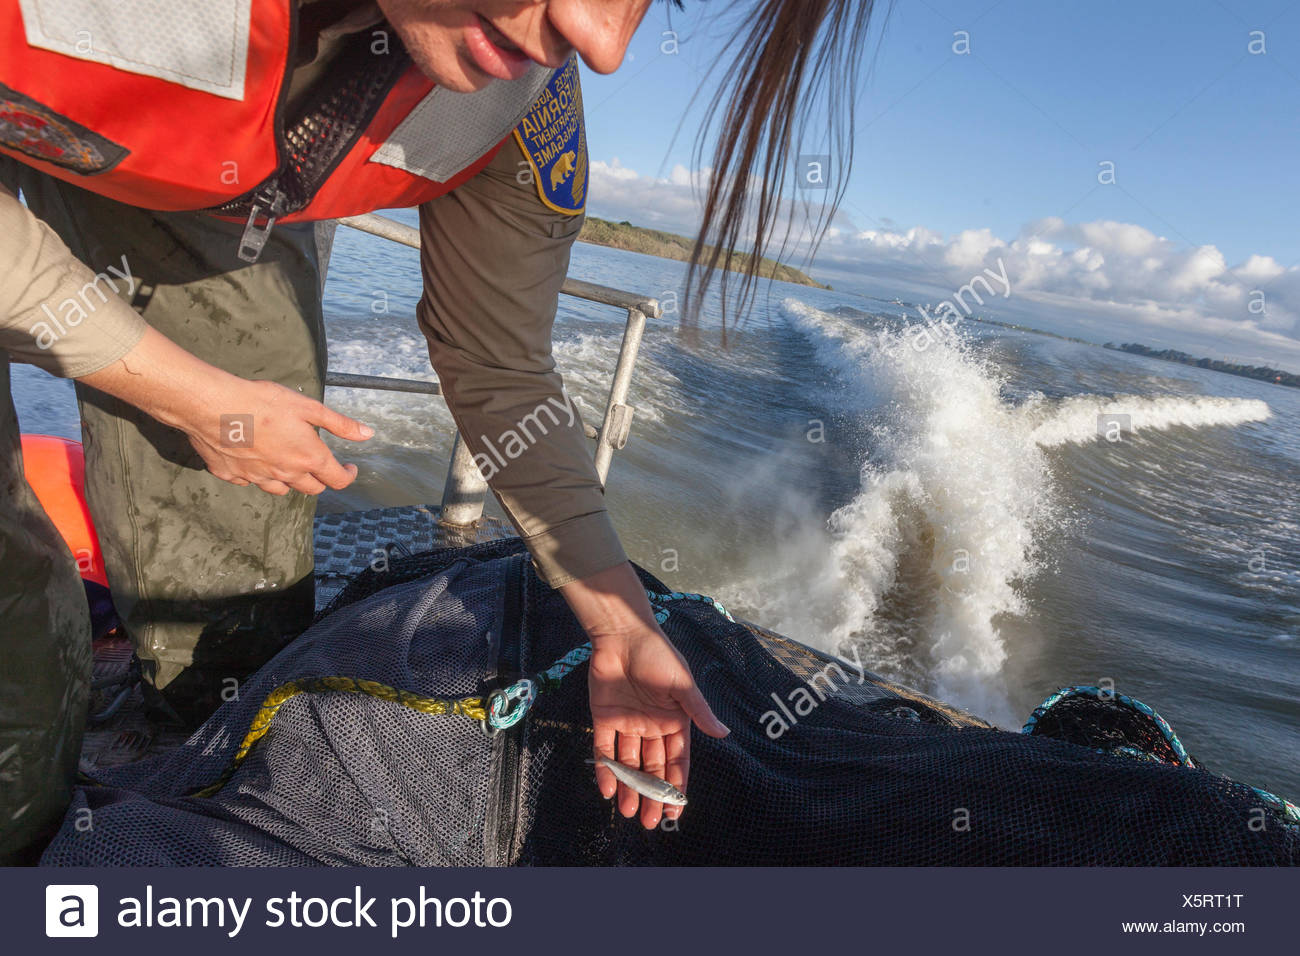 Científico medioambiental lauren damon de california departamento de peces y fauna silvestre, la realización de un muelle de arrastre de Kodiak para delta olía en el delta de California cerca de Antioquía, ca. encontraron un solo adulto. Ayudante es Chelsea Lewis. Aquí no cogieron una pequeña partida de salmón hacia el océano. Imagen De Stock